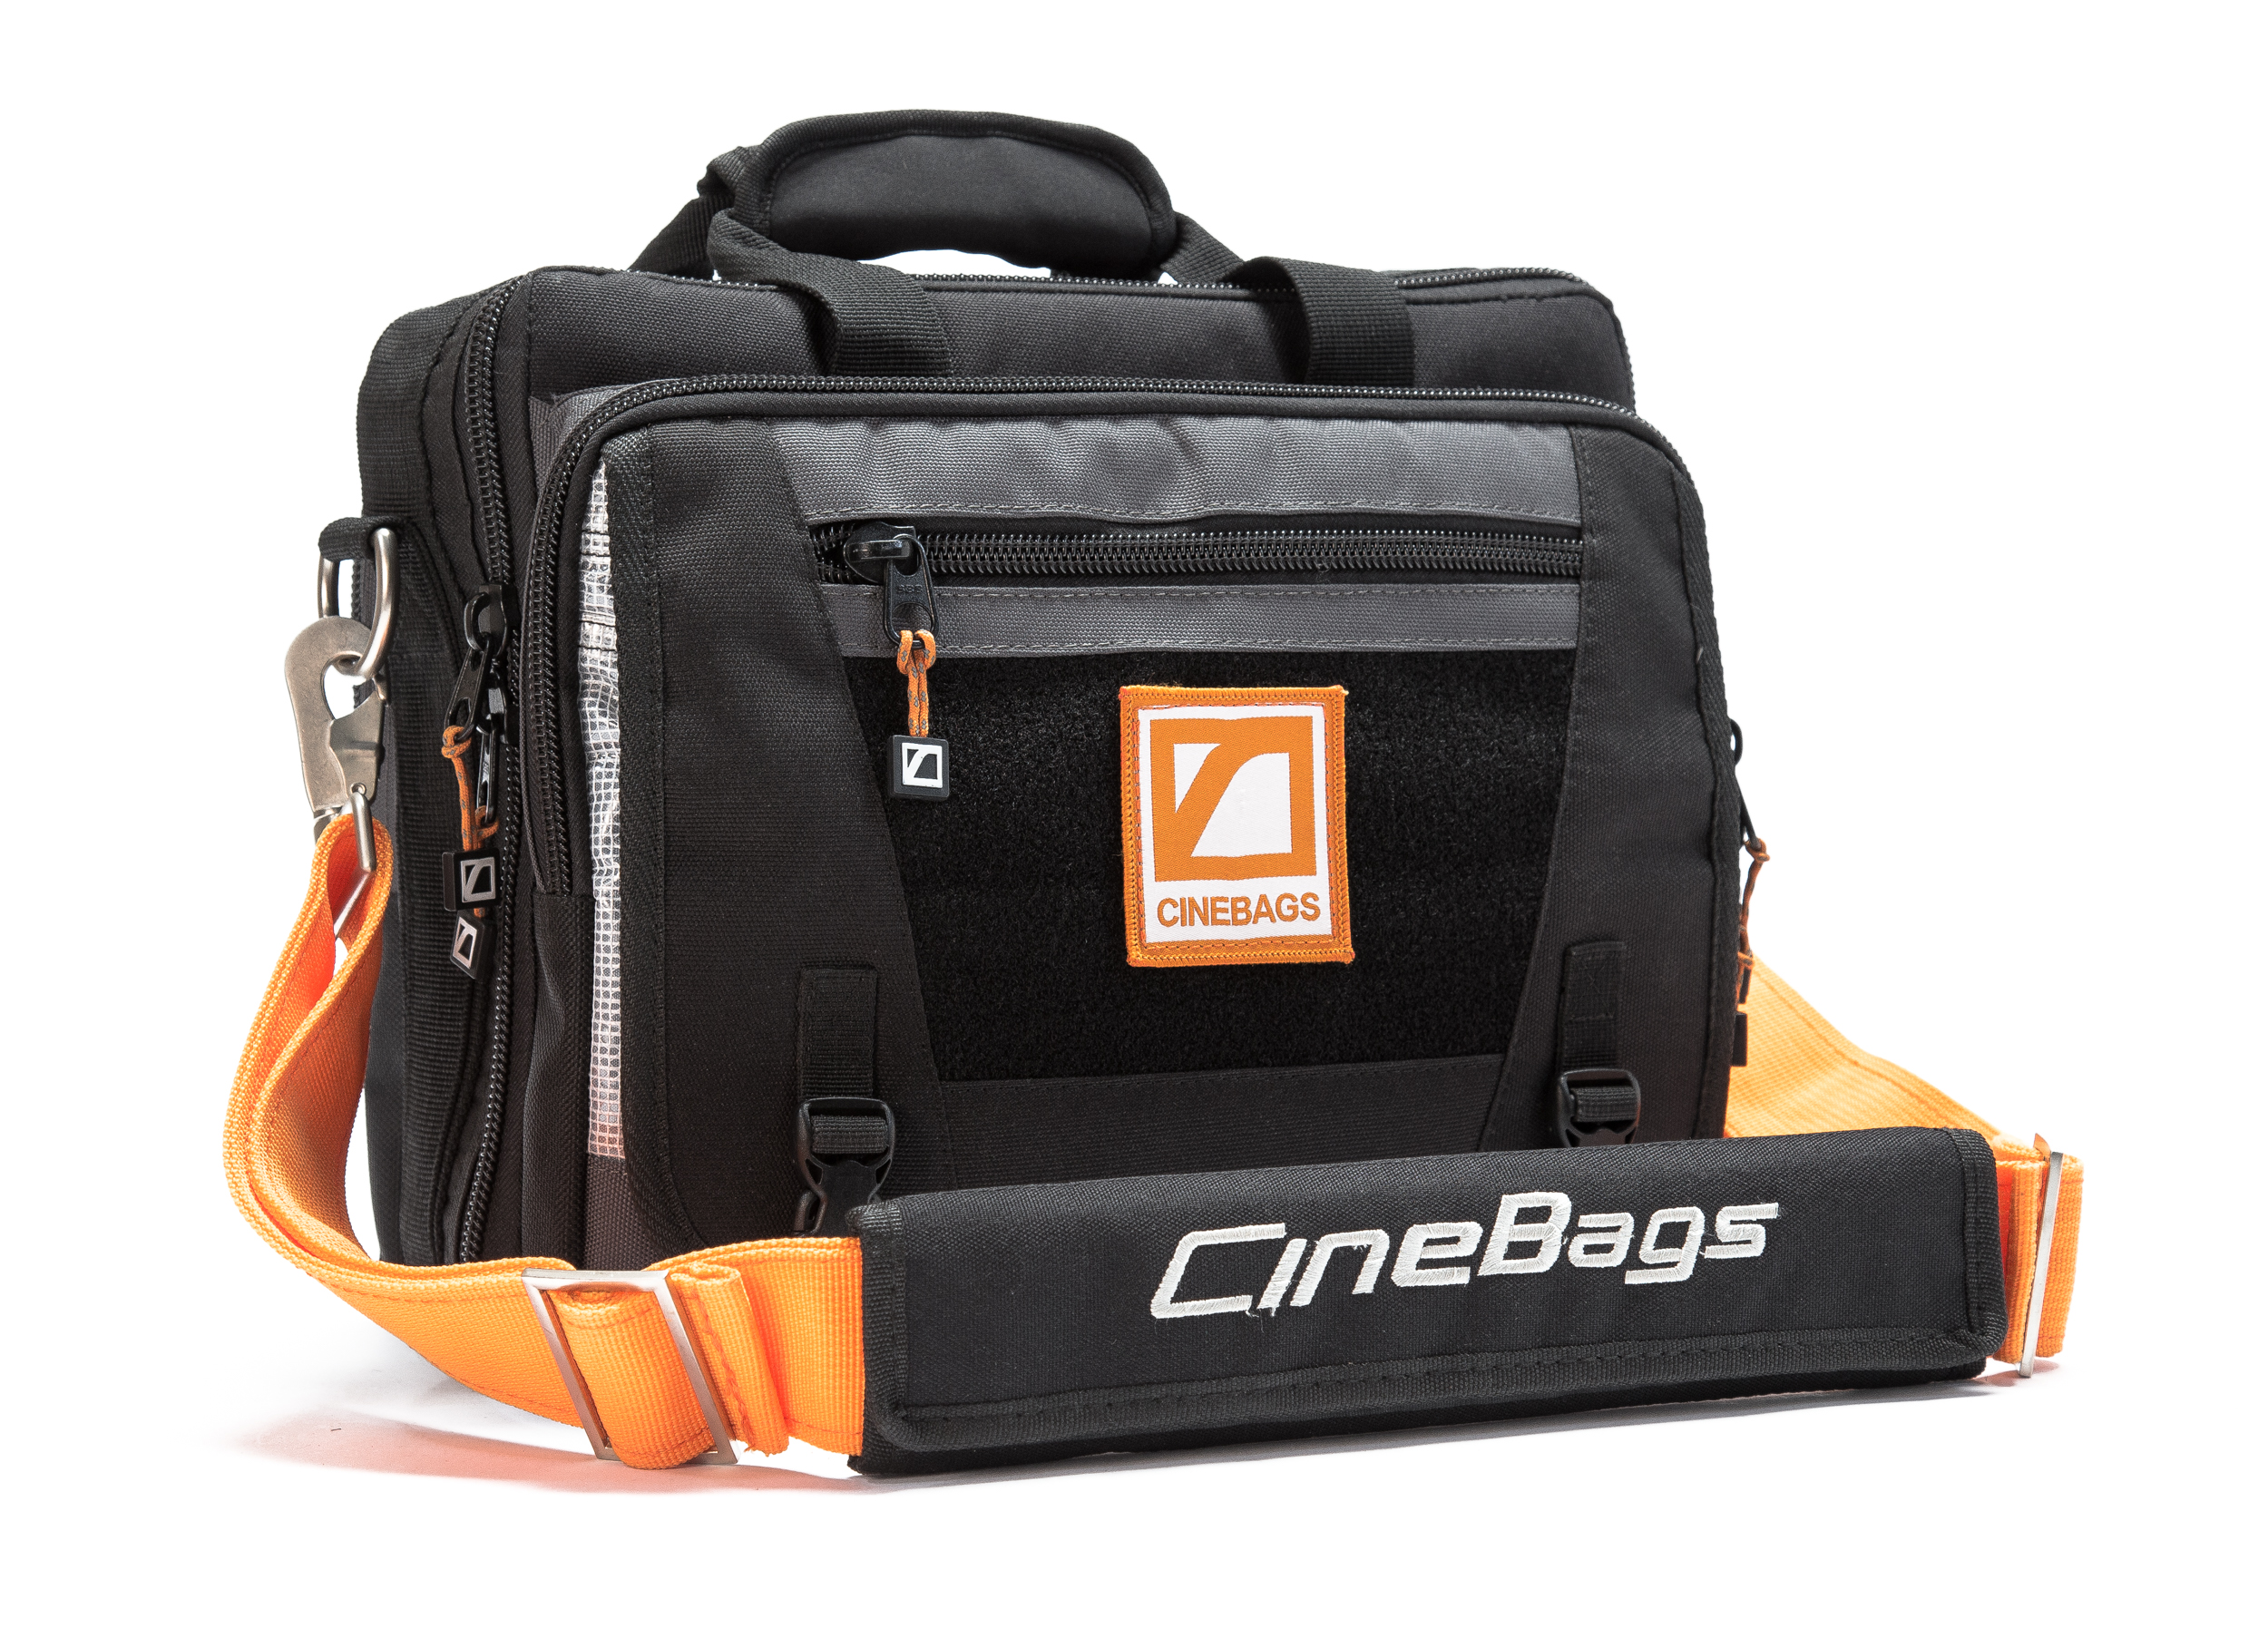 CineBags CB26 GoPro Bunker-7